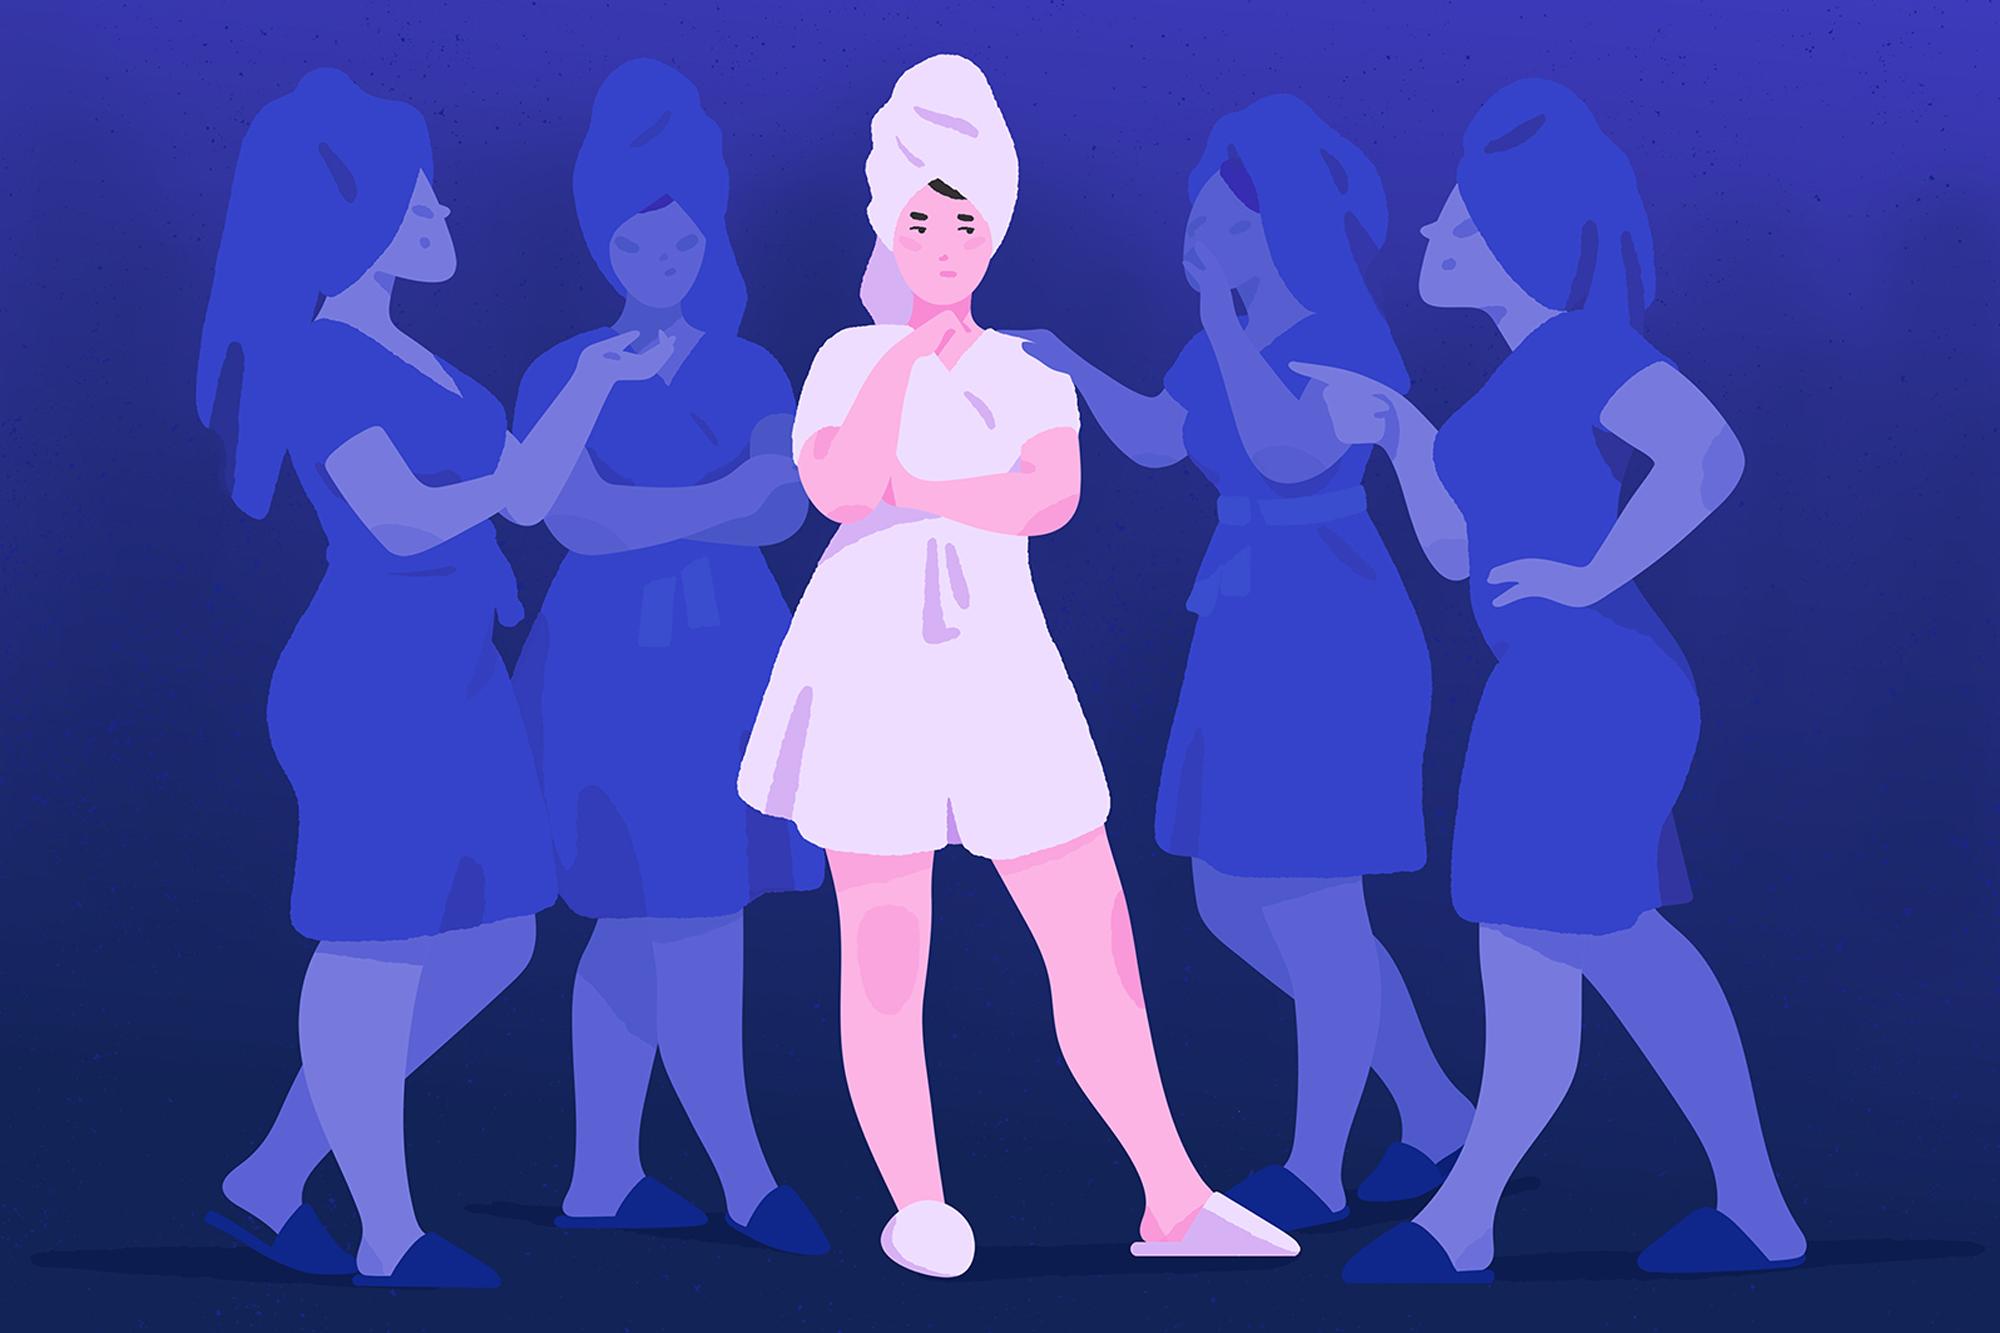 Derechos que tienes gracias al feminismo